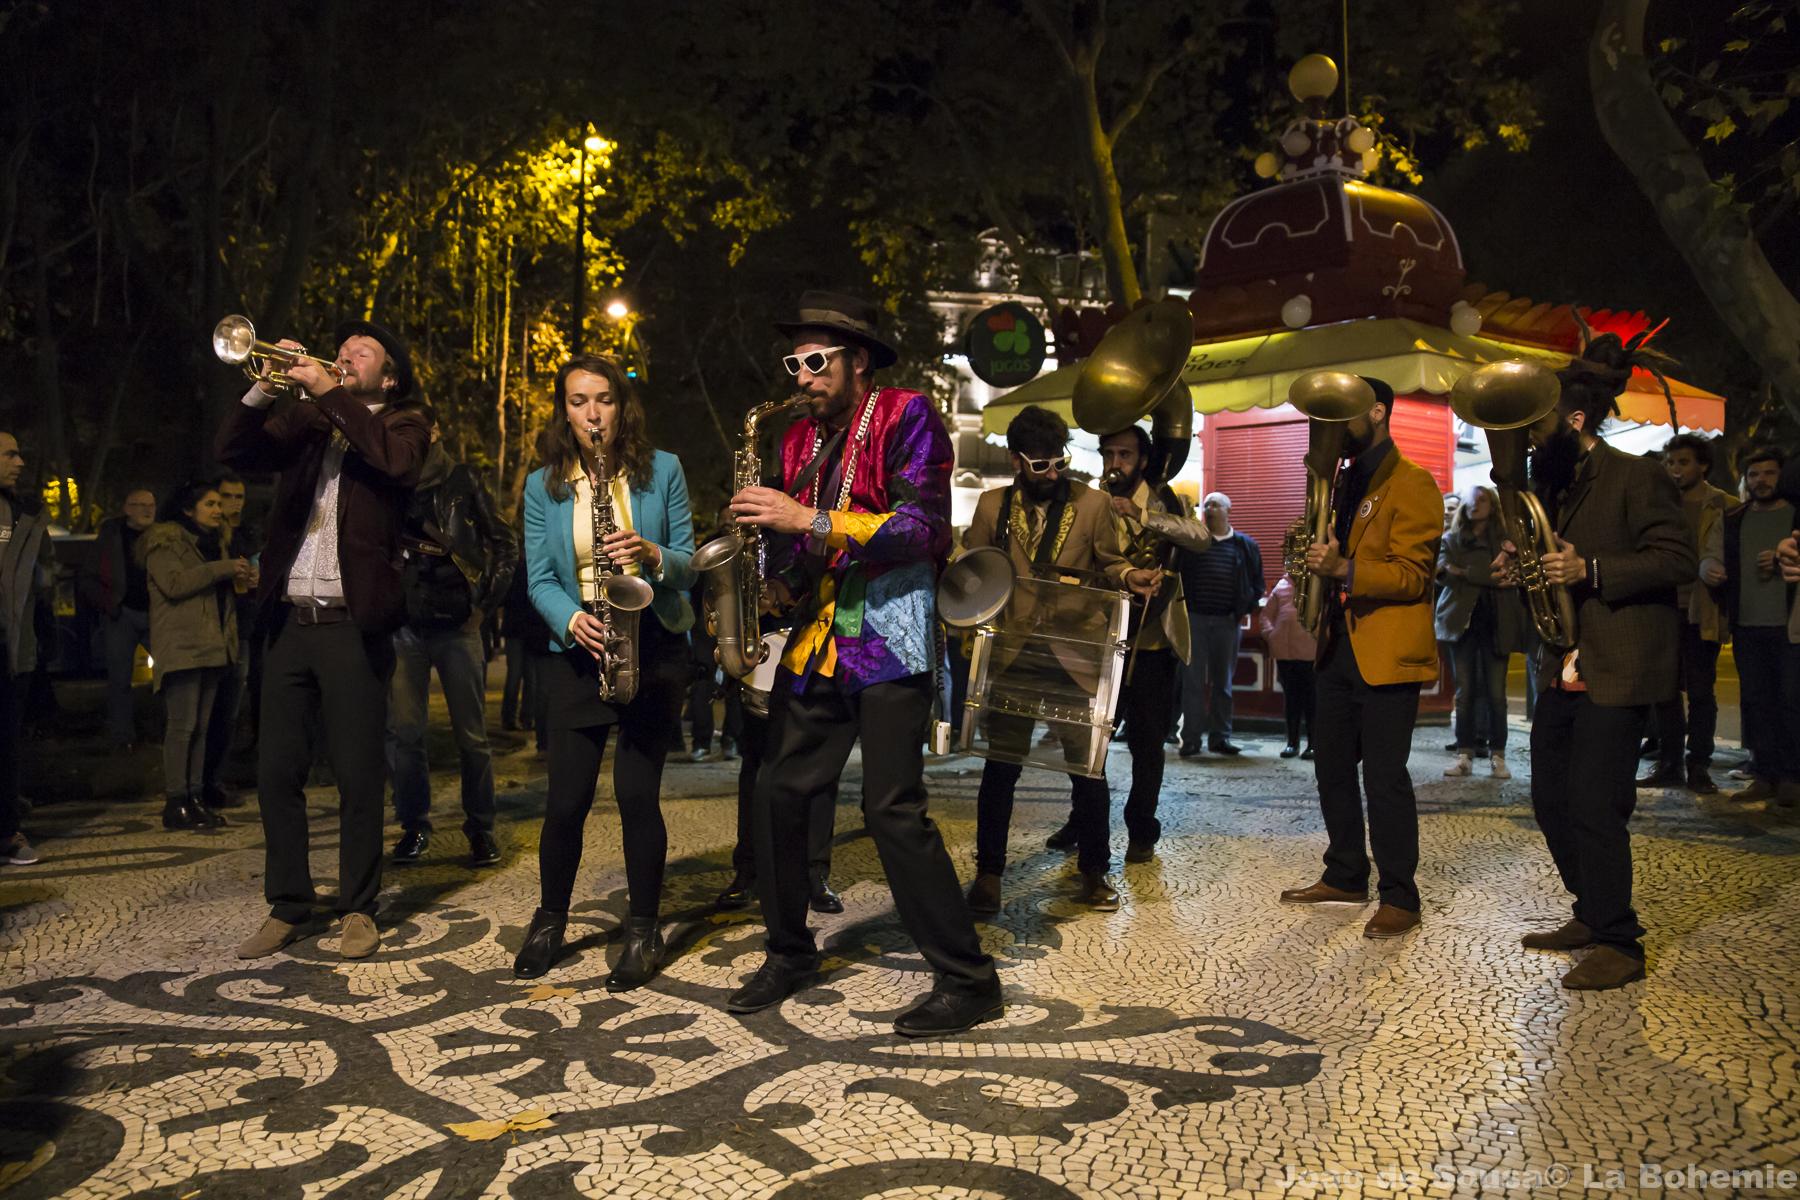 Foto: João de Sousa